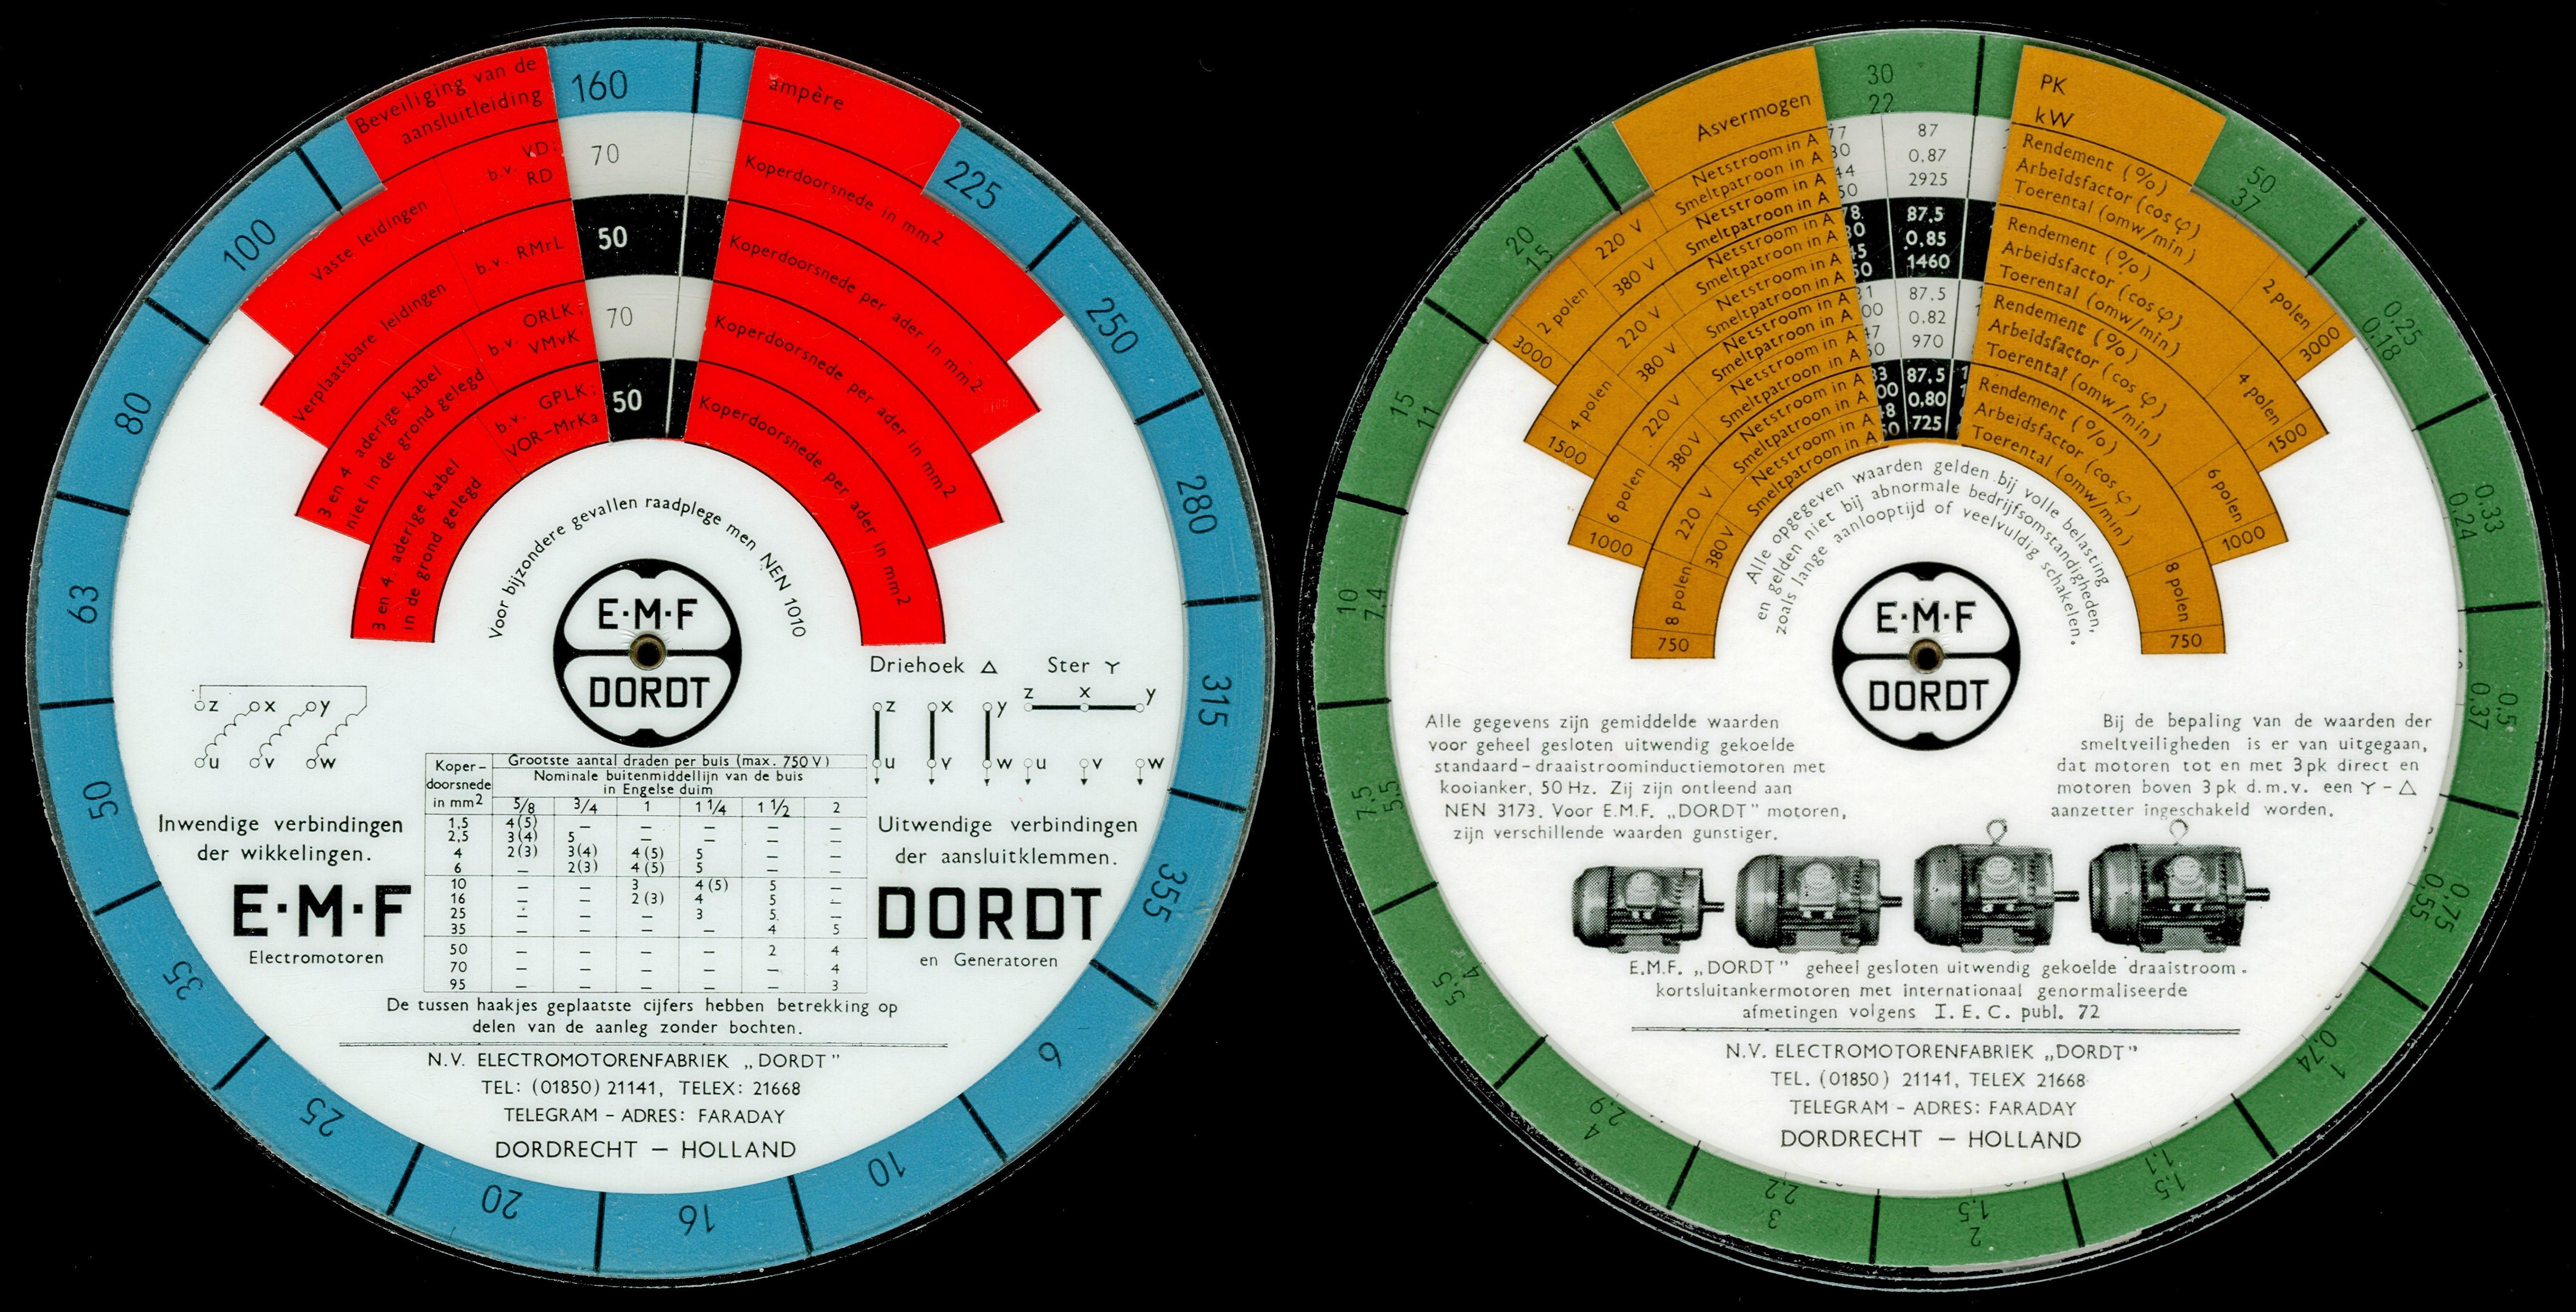 ALRO EMF DORDT (AC-3.10) Electro